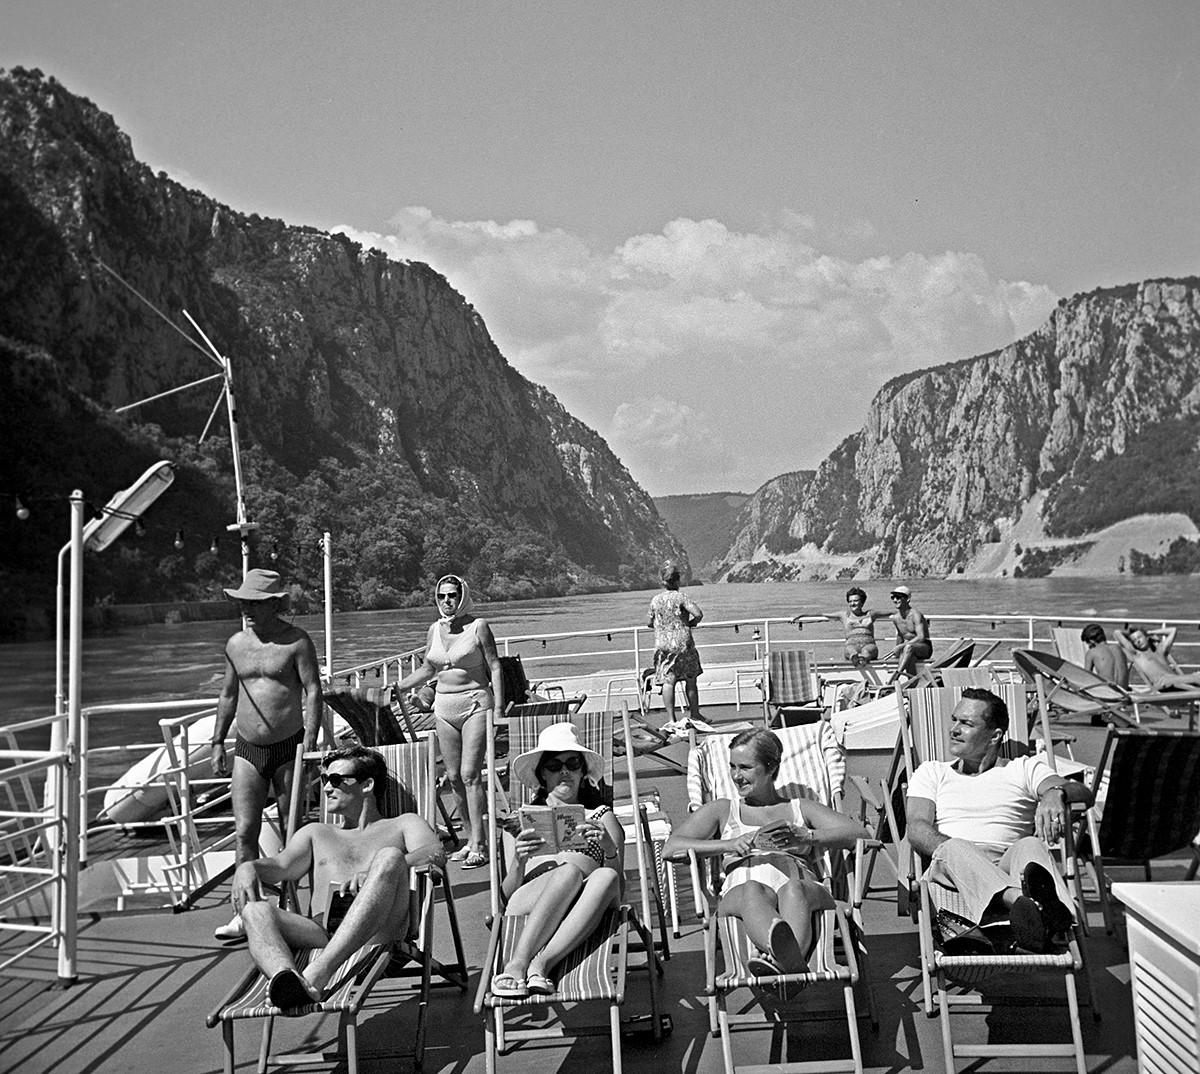 Туристы на палубе теплохода во время плавания по Дунаю, 1969